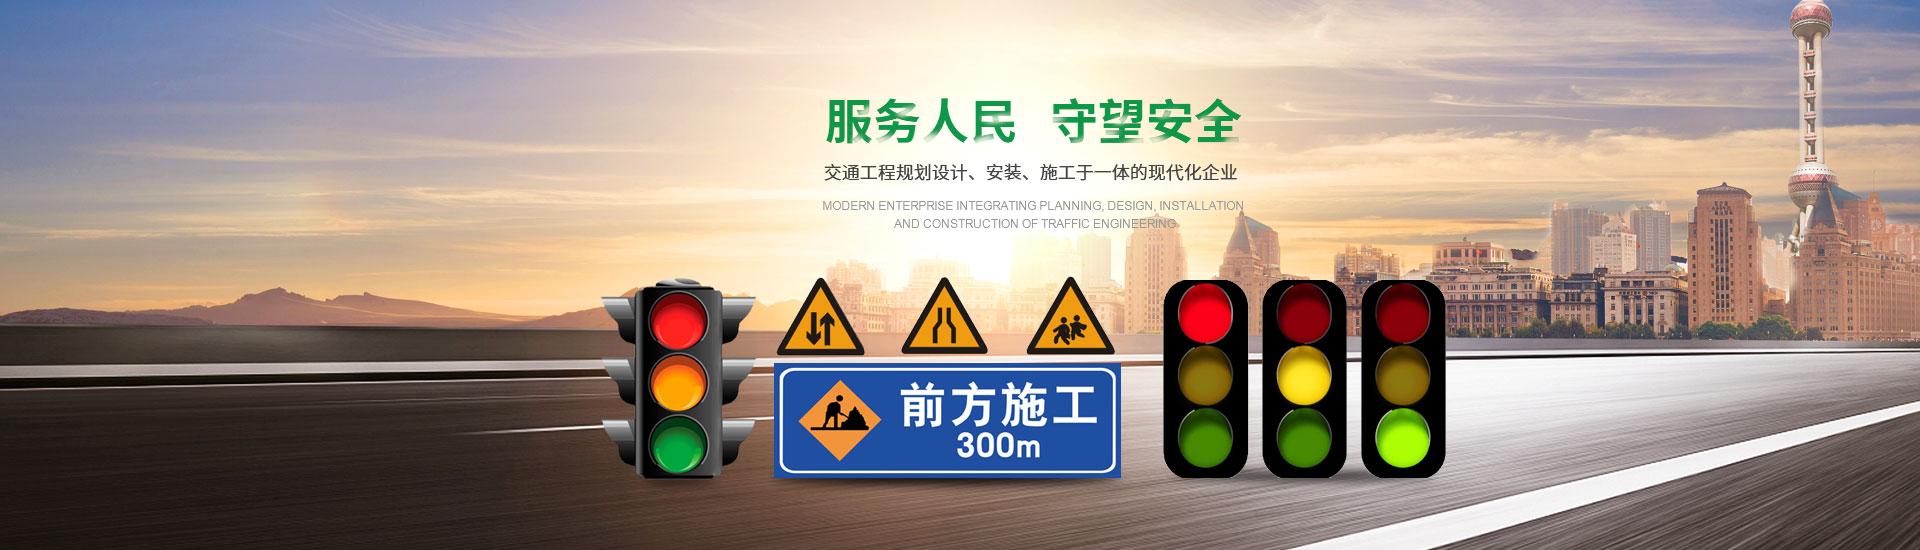 汉中道路反光标志